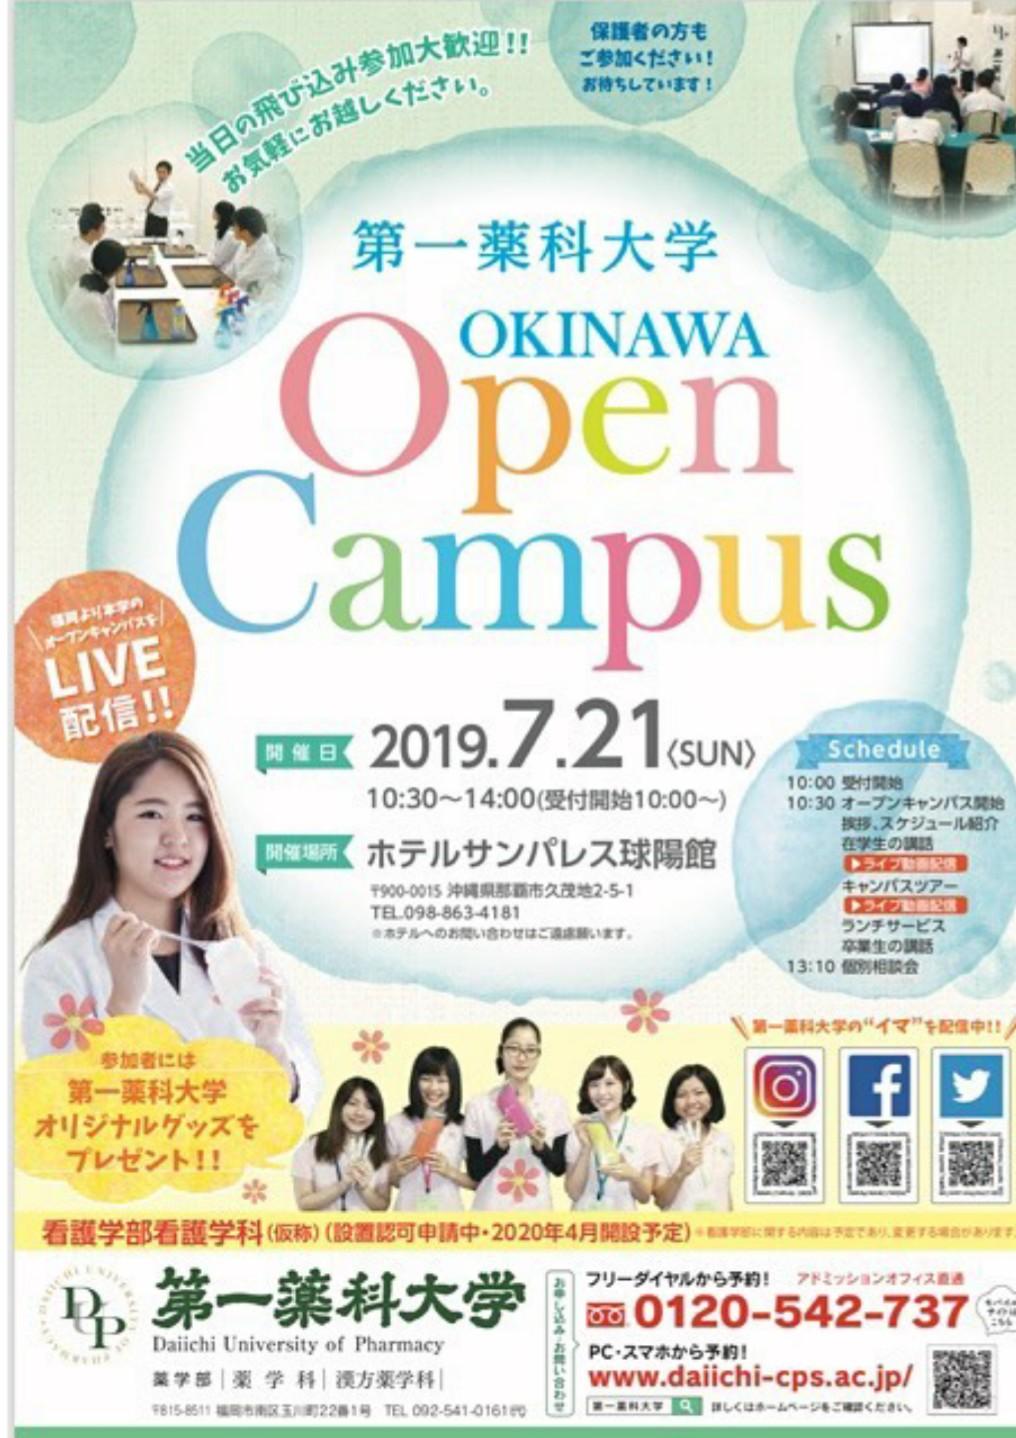 第一薬科大学 オープンキャンパス 7月21日(日曜日)